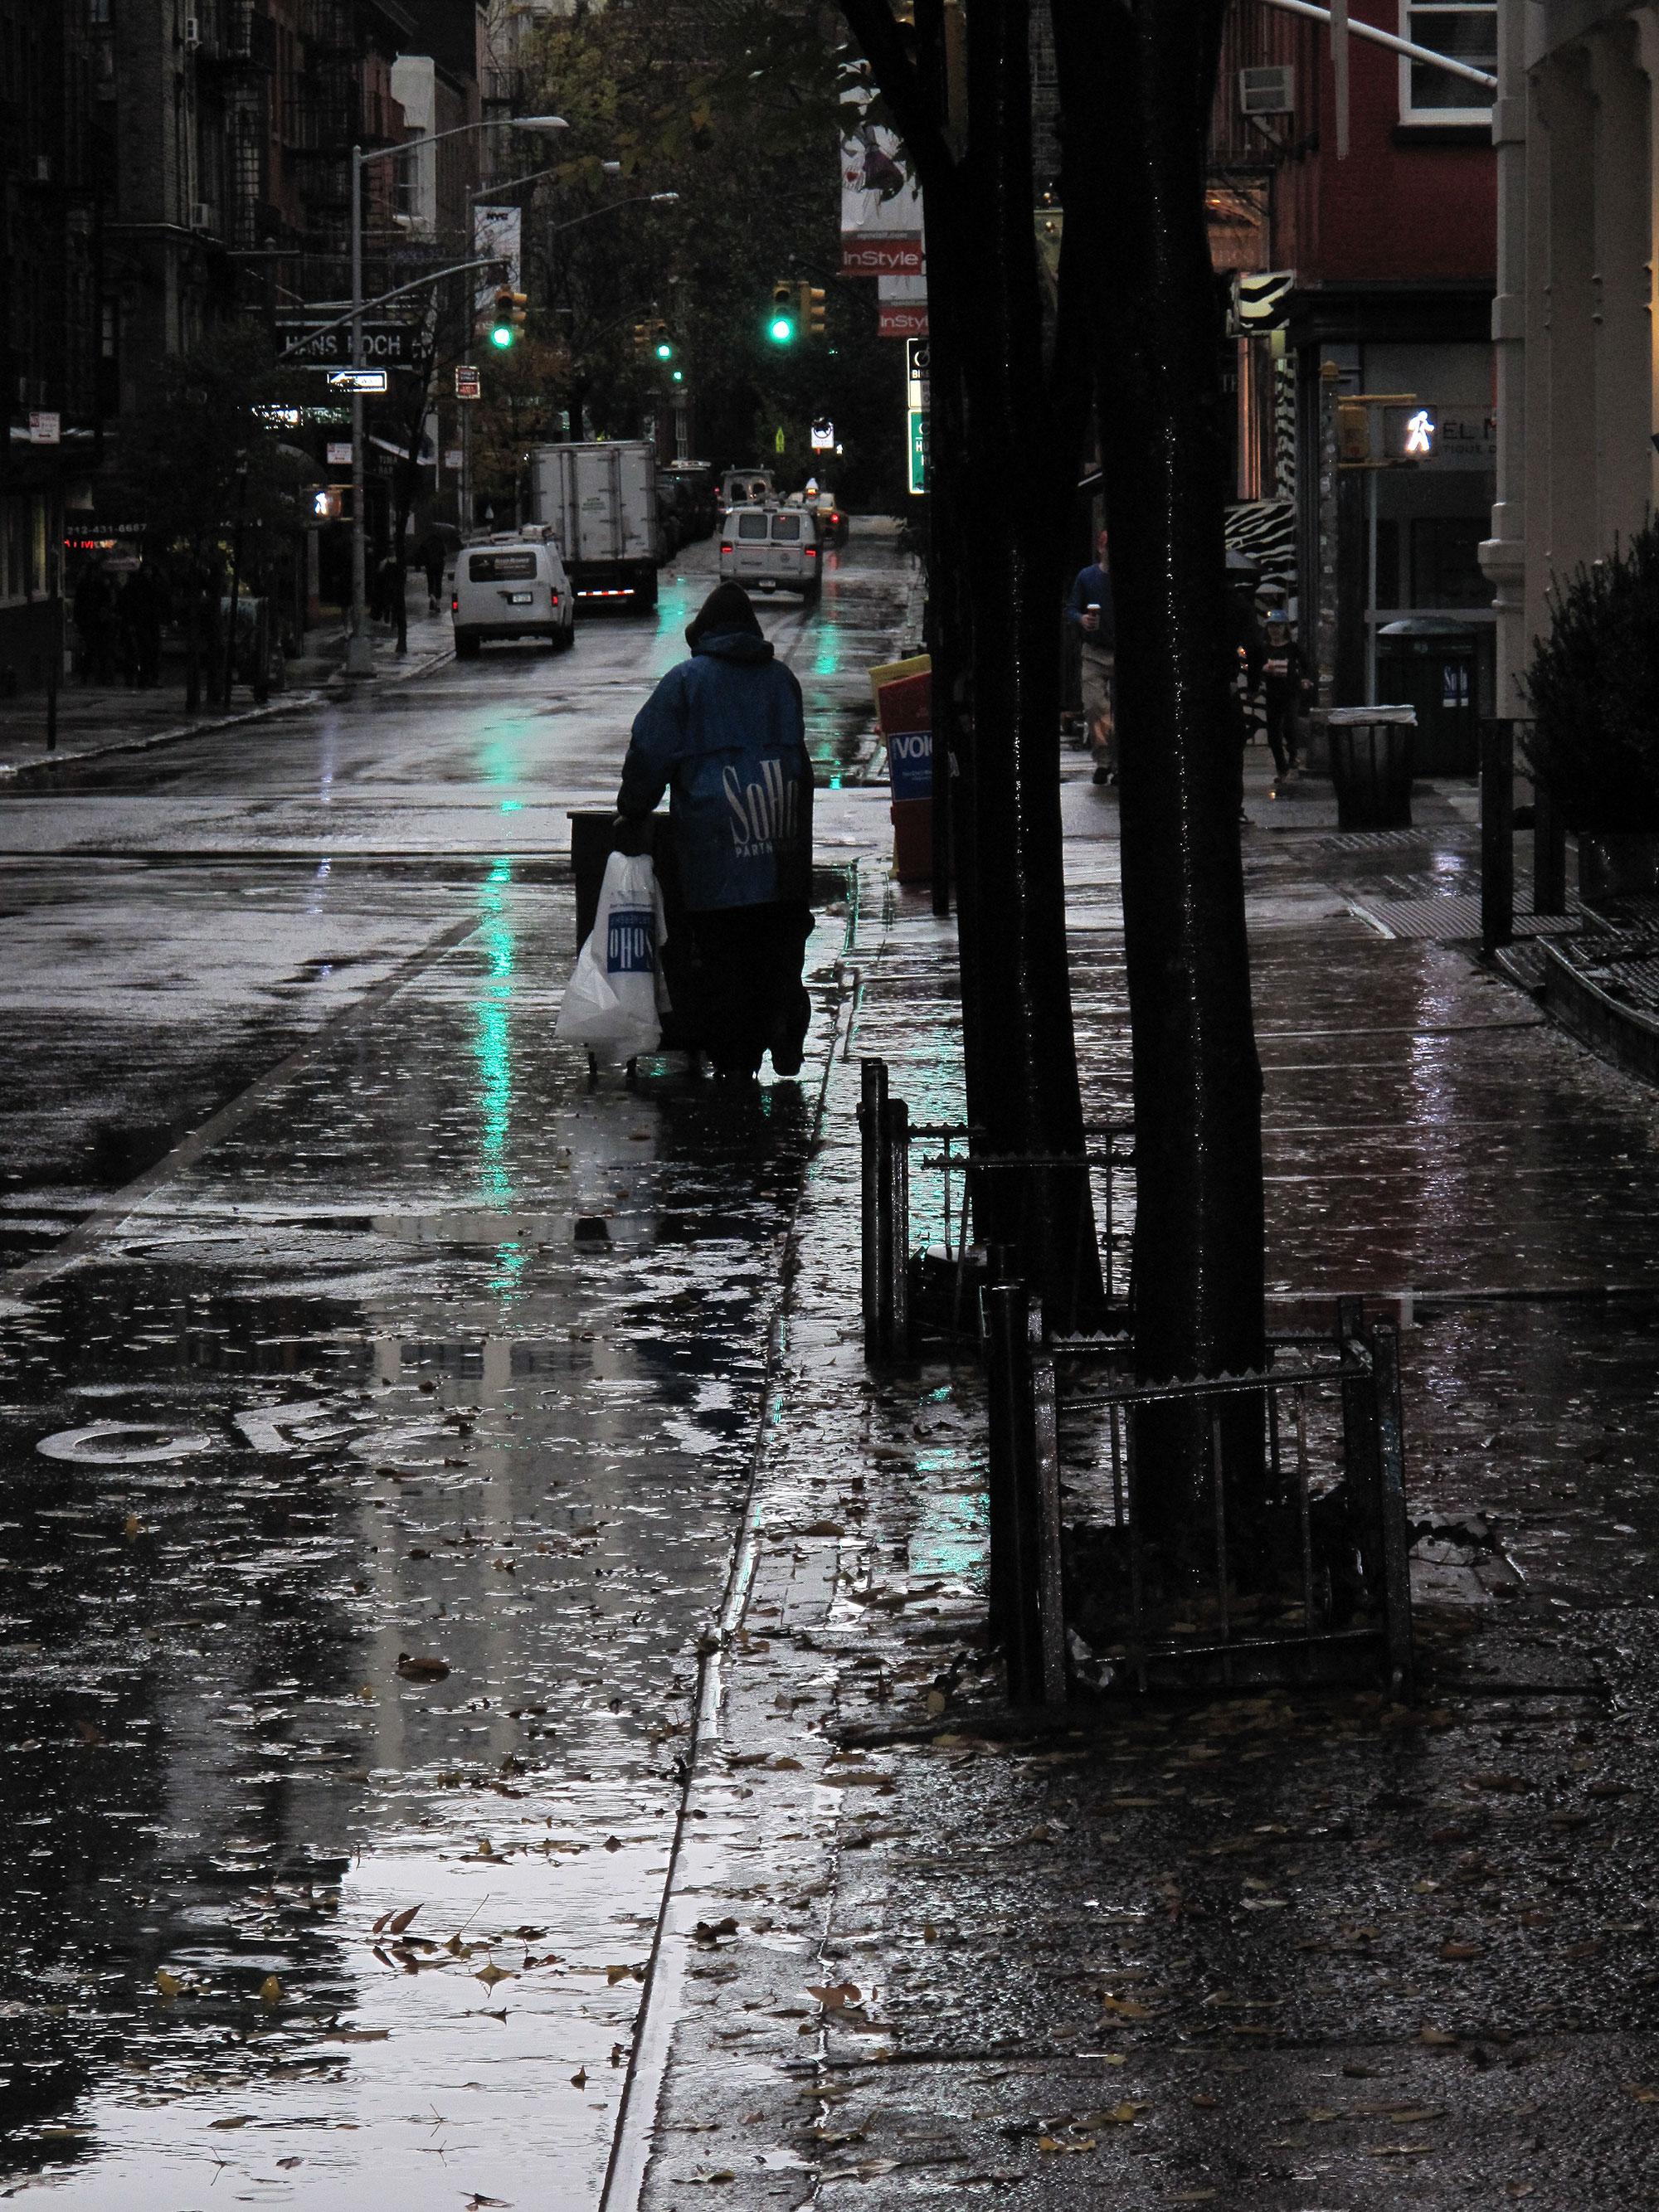 Worker-in-rain.jpg